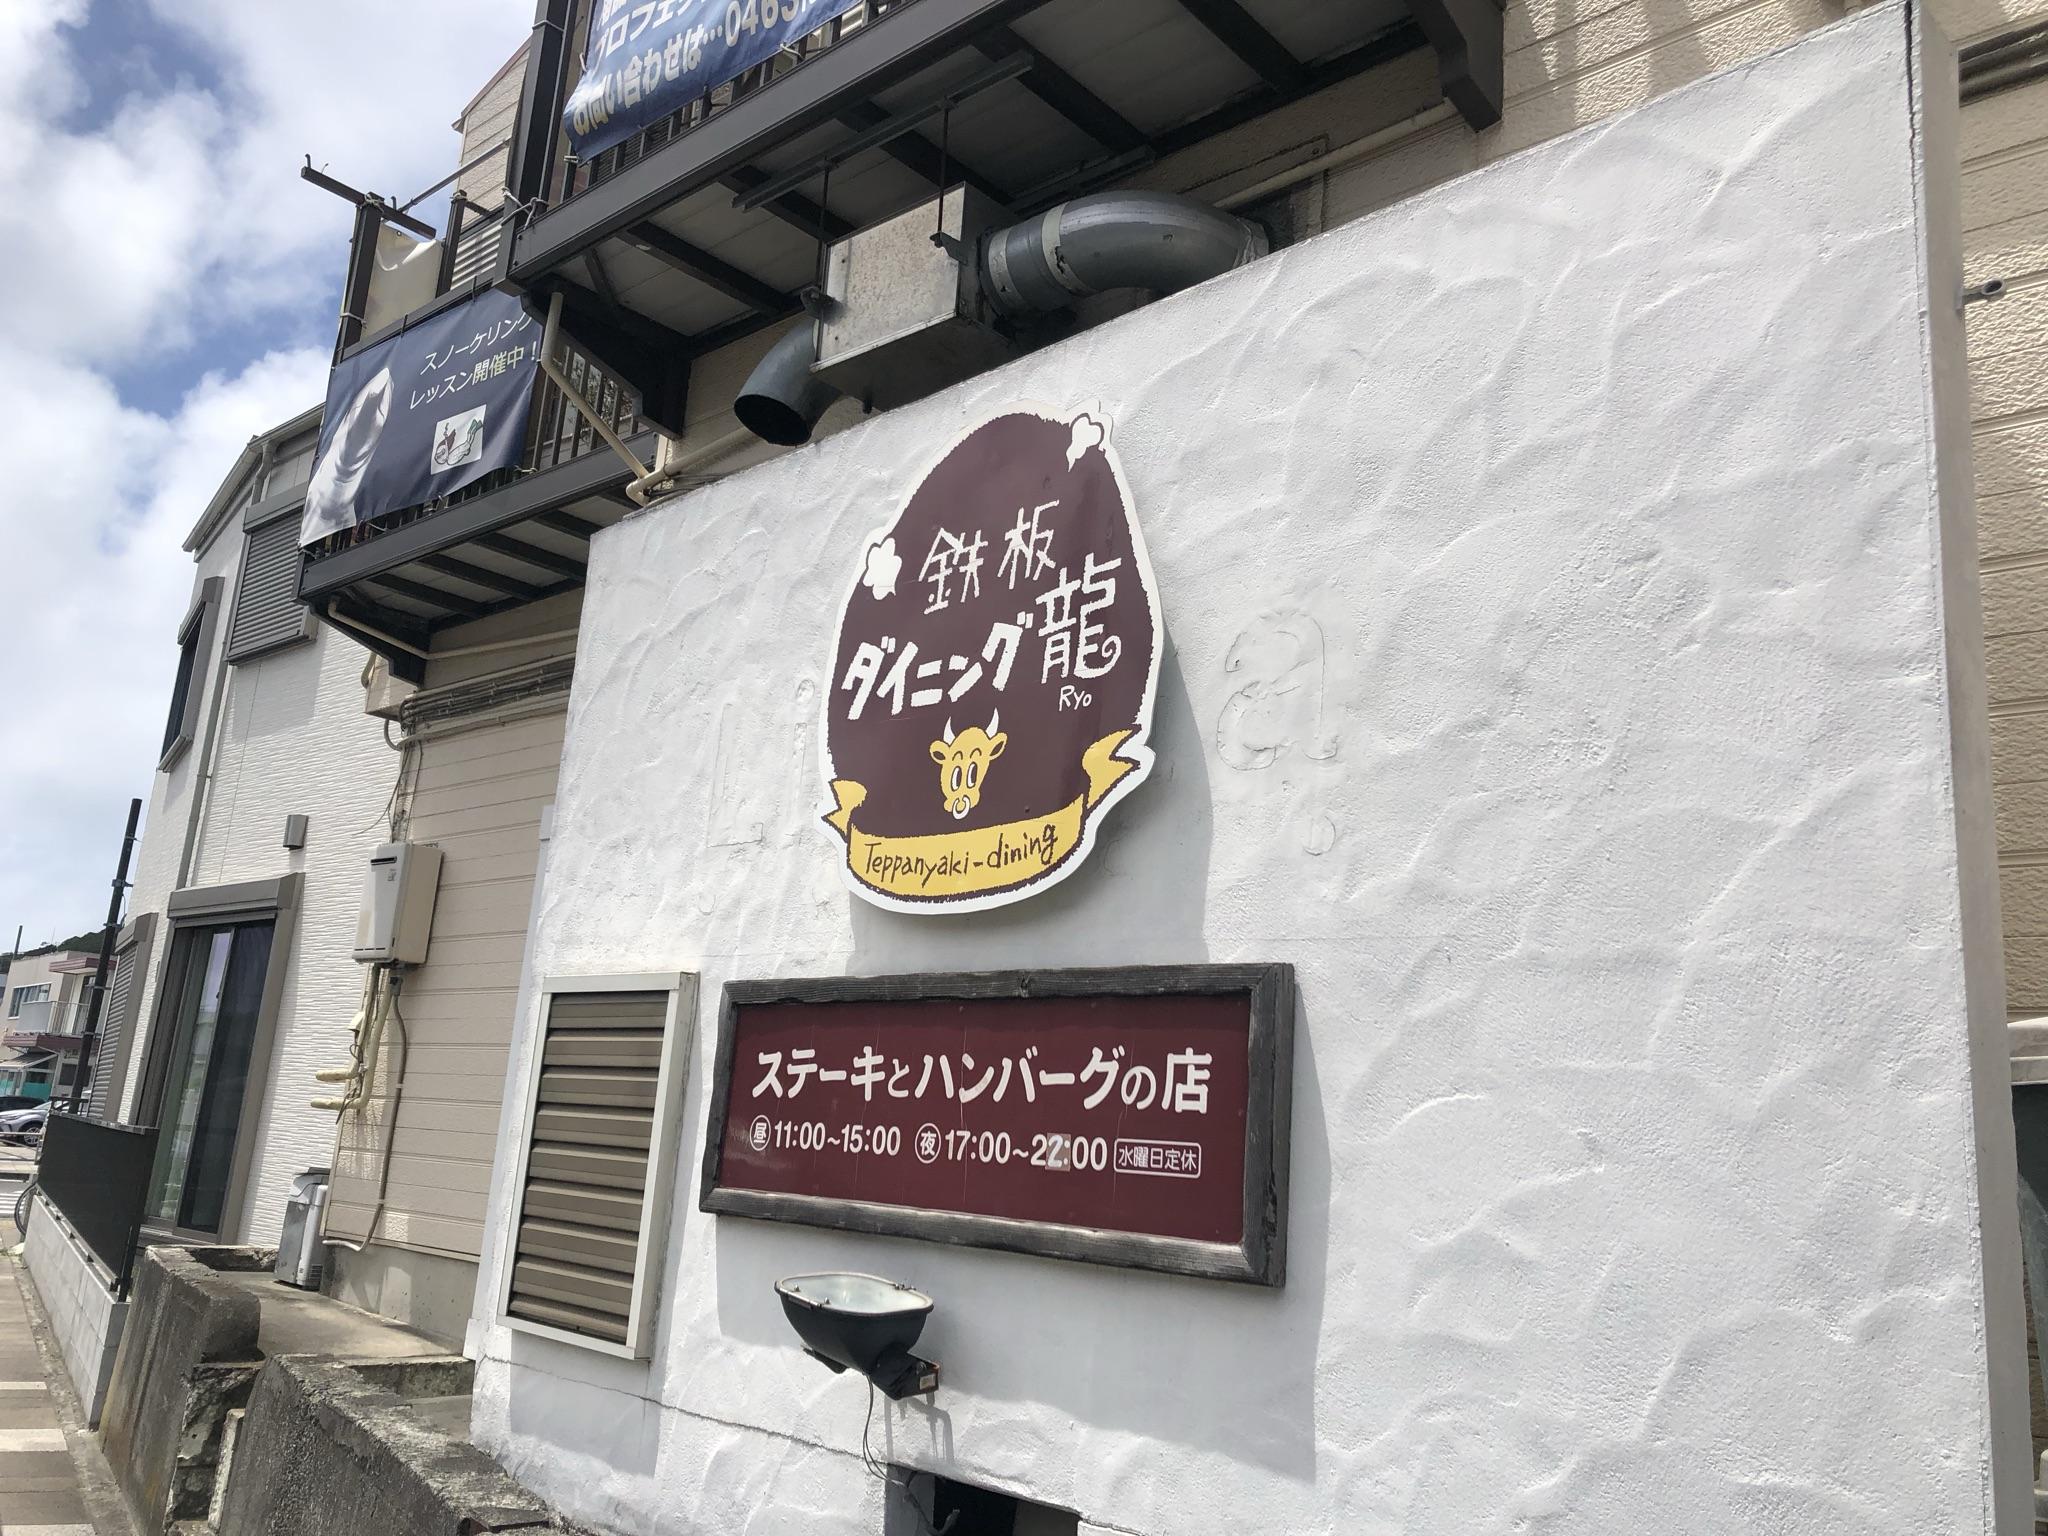 ローカルに愛されるレストラン「ステーキハウス龍」